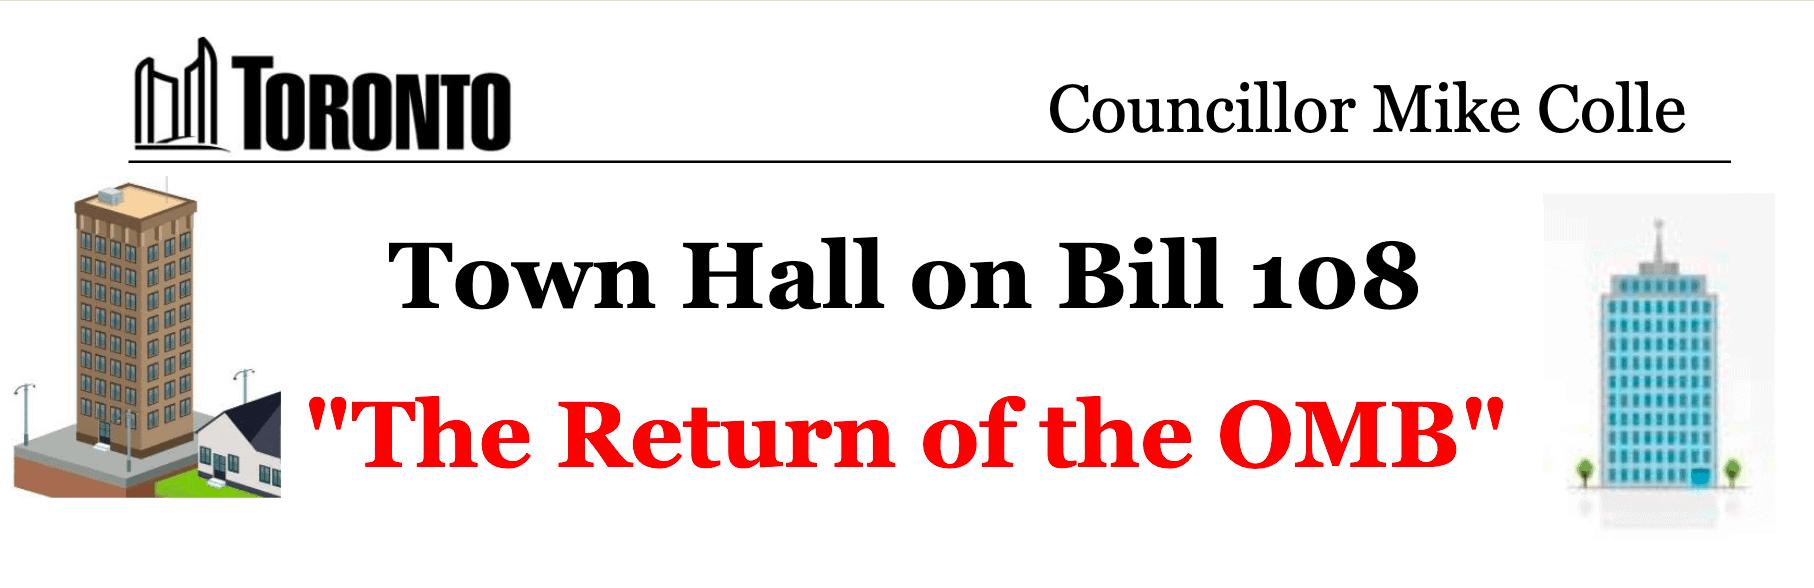 Bill 108 Town Hall